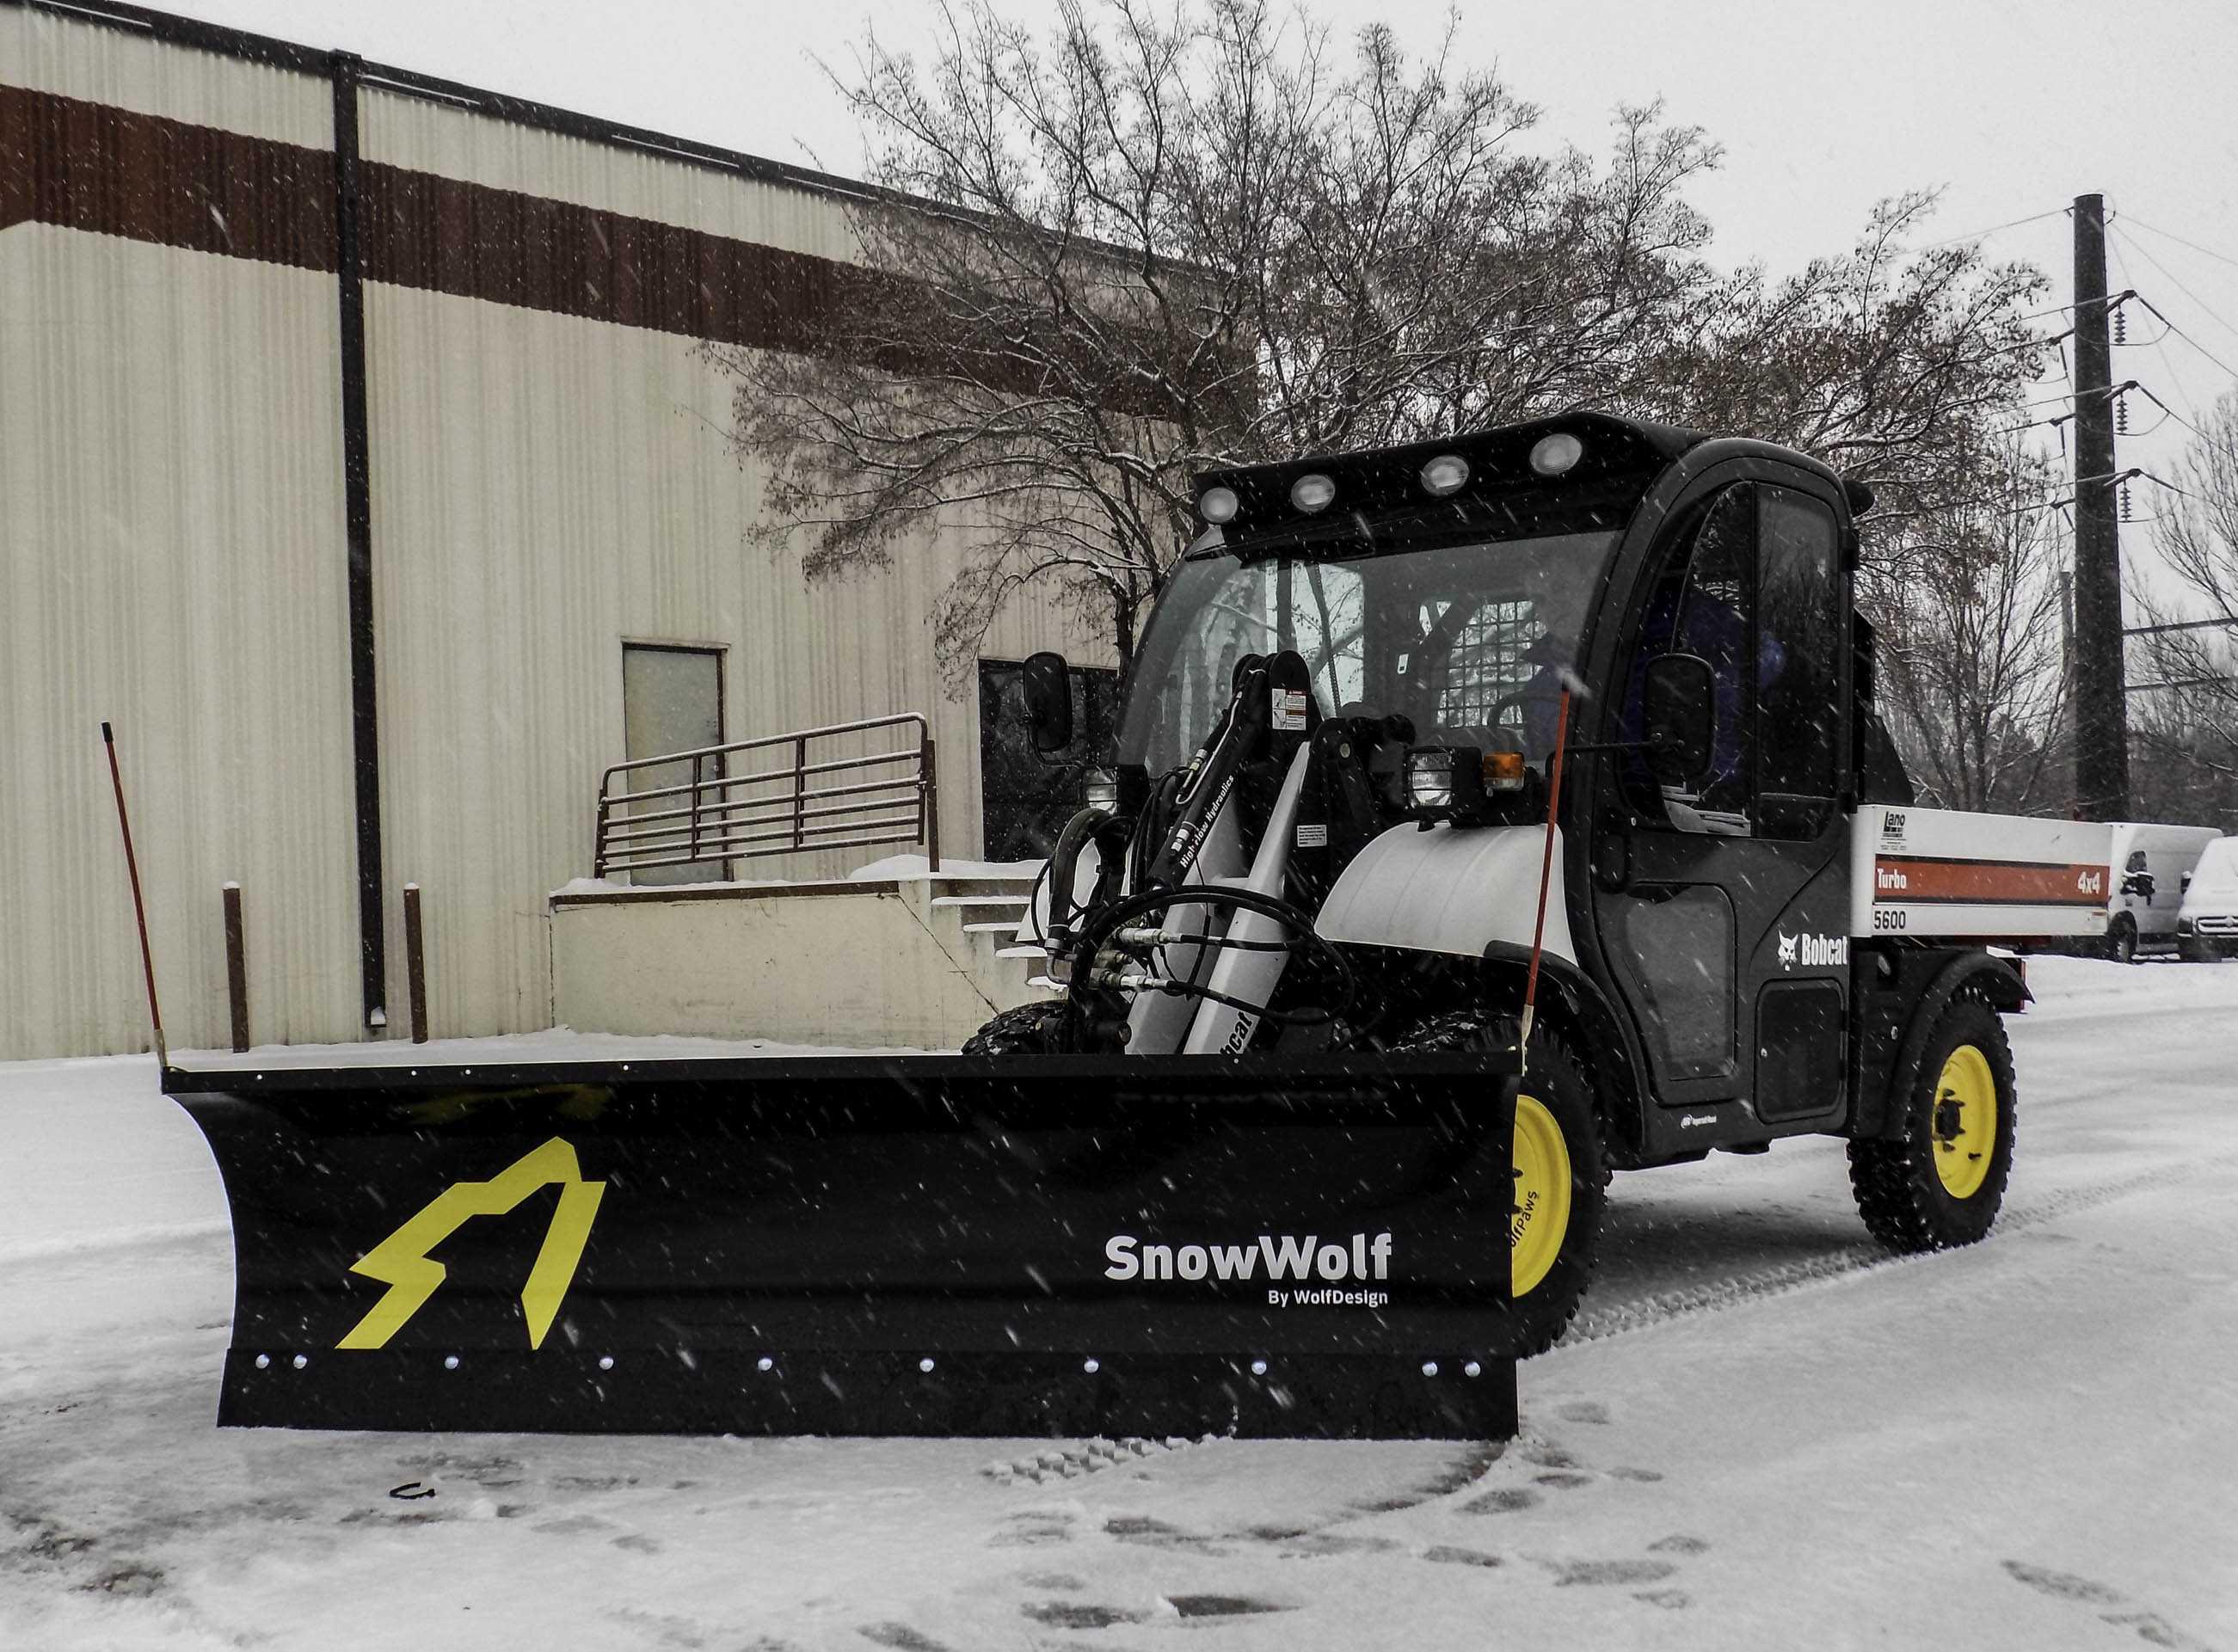 snowwolf plow attachment